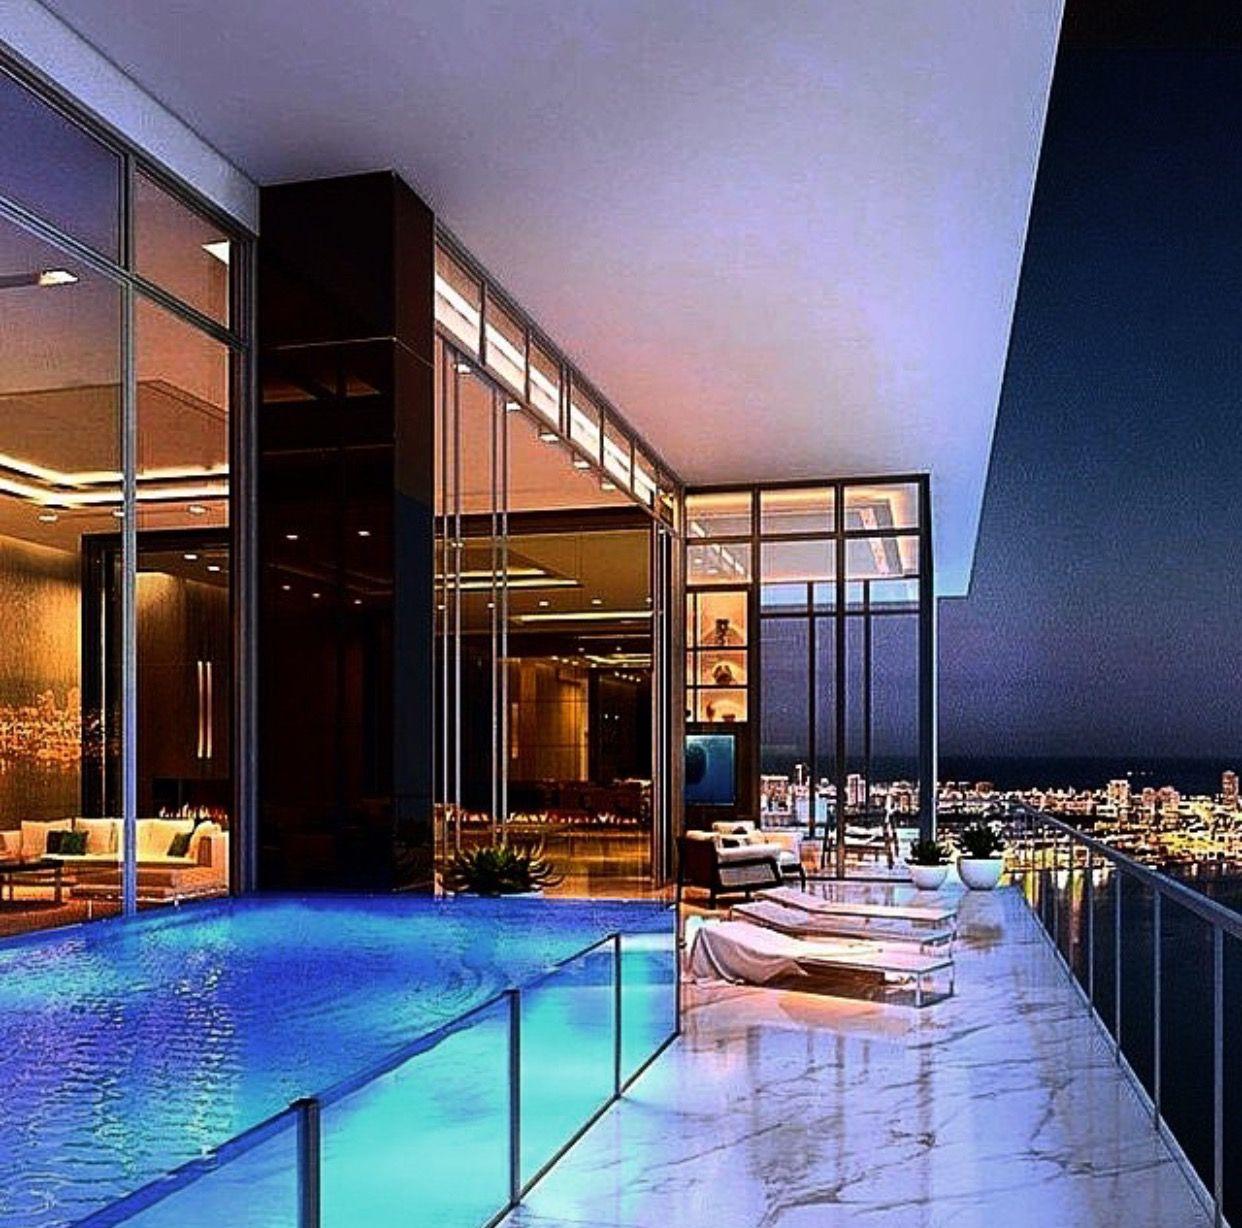 Amazing Apartment Rentals: Idéias De Decoração Para